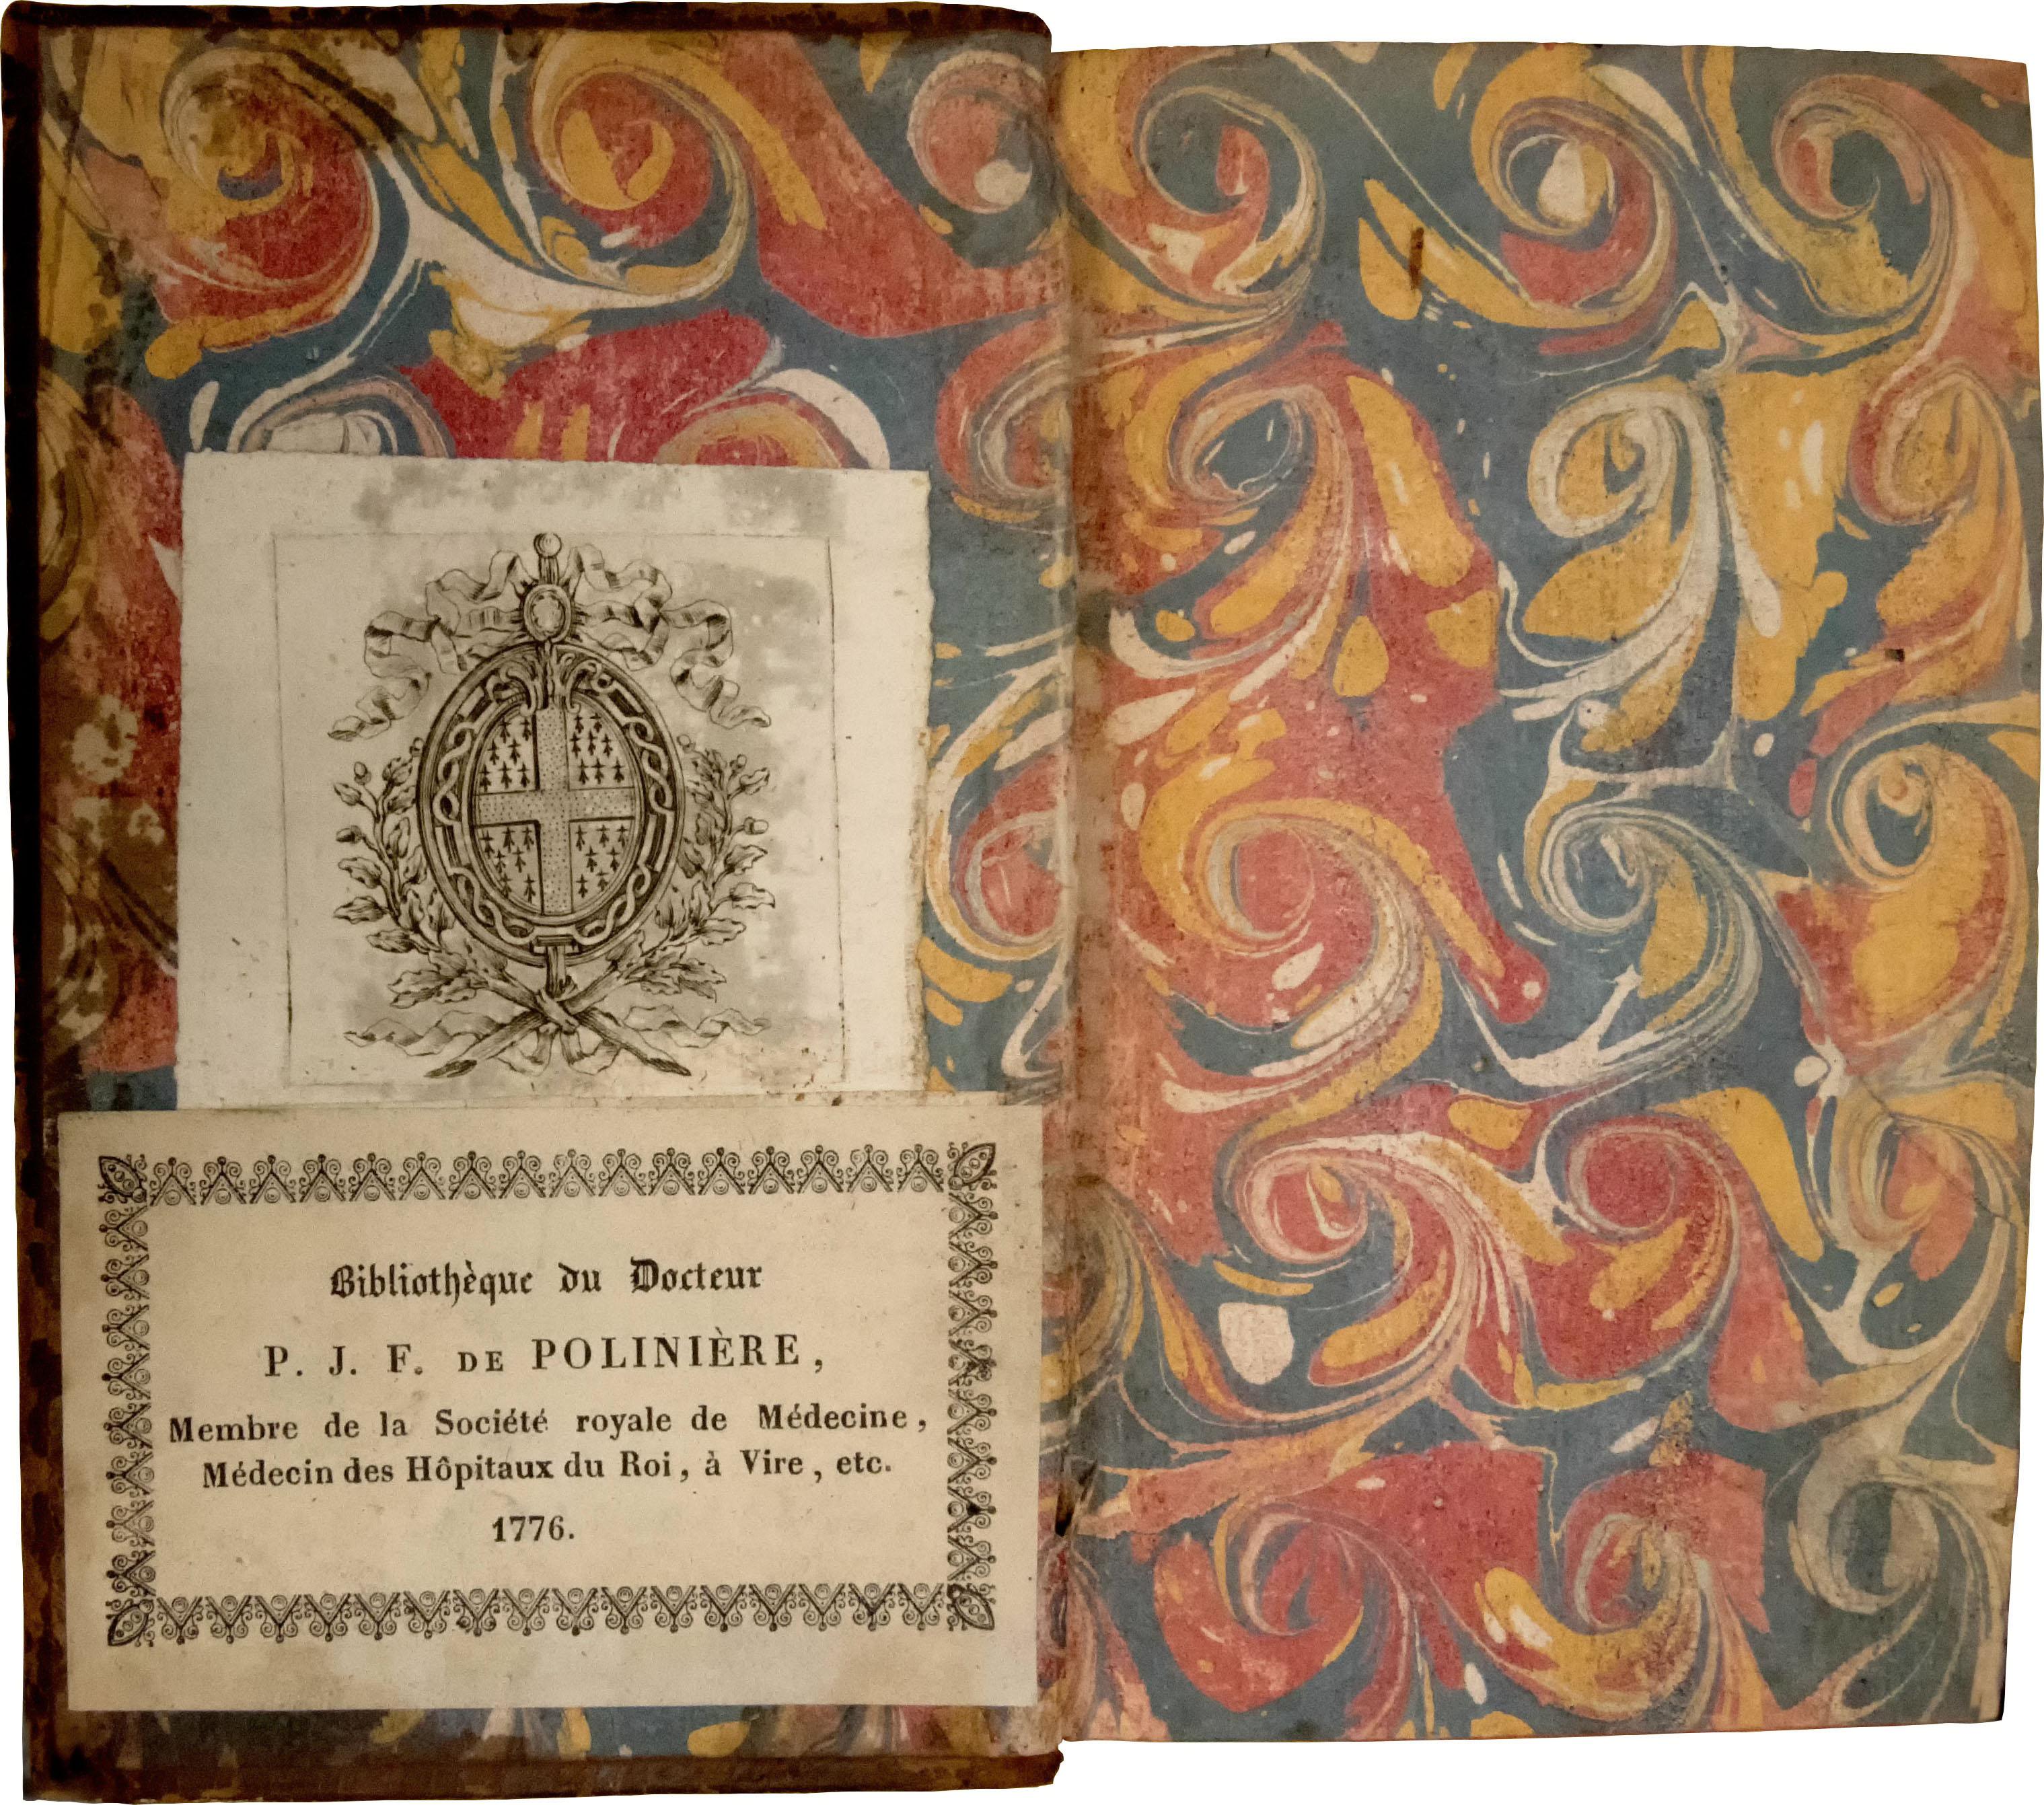 P.J.F de Polinière (12)